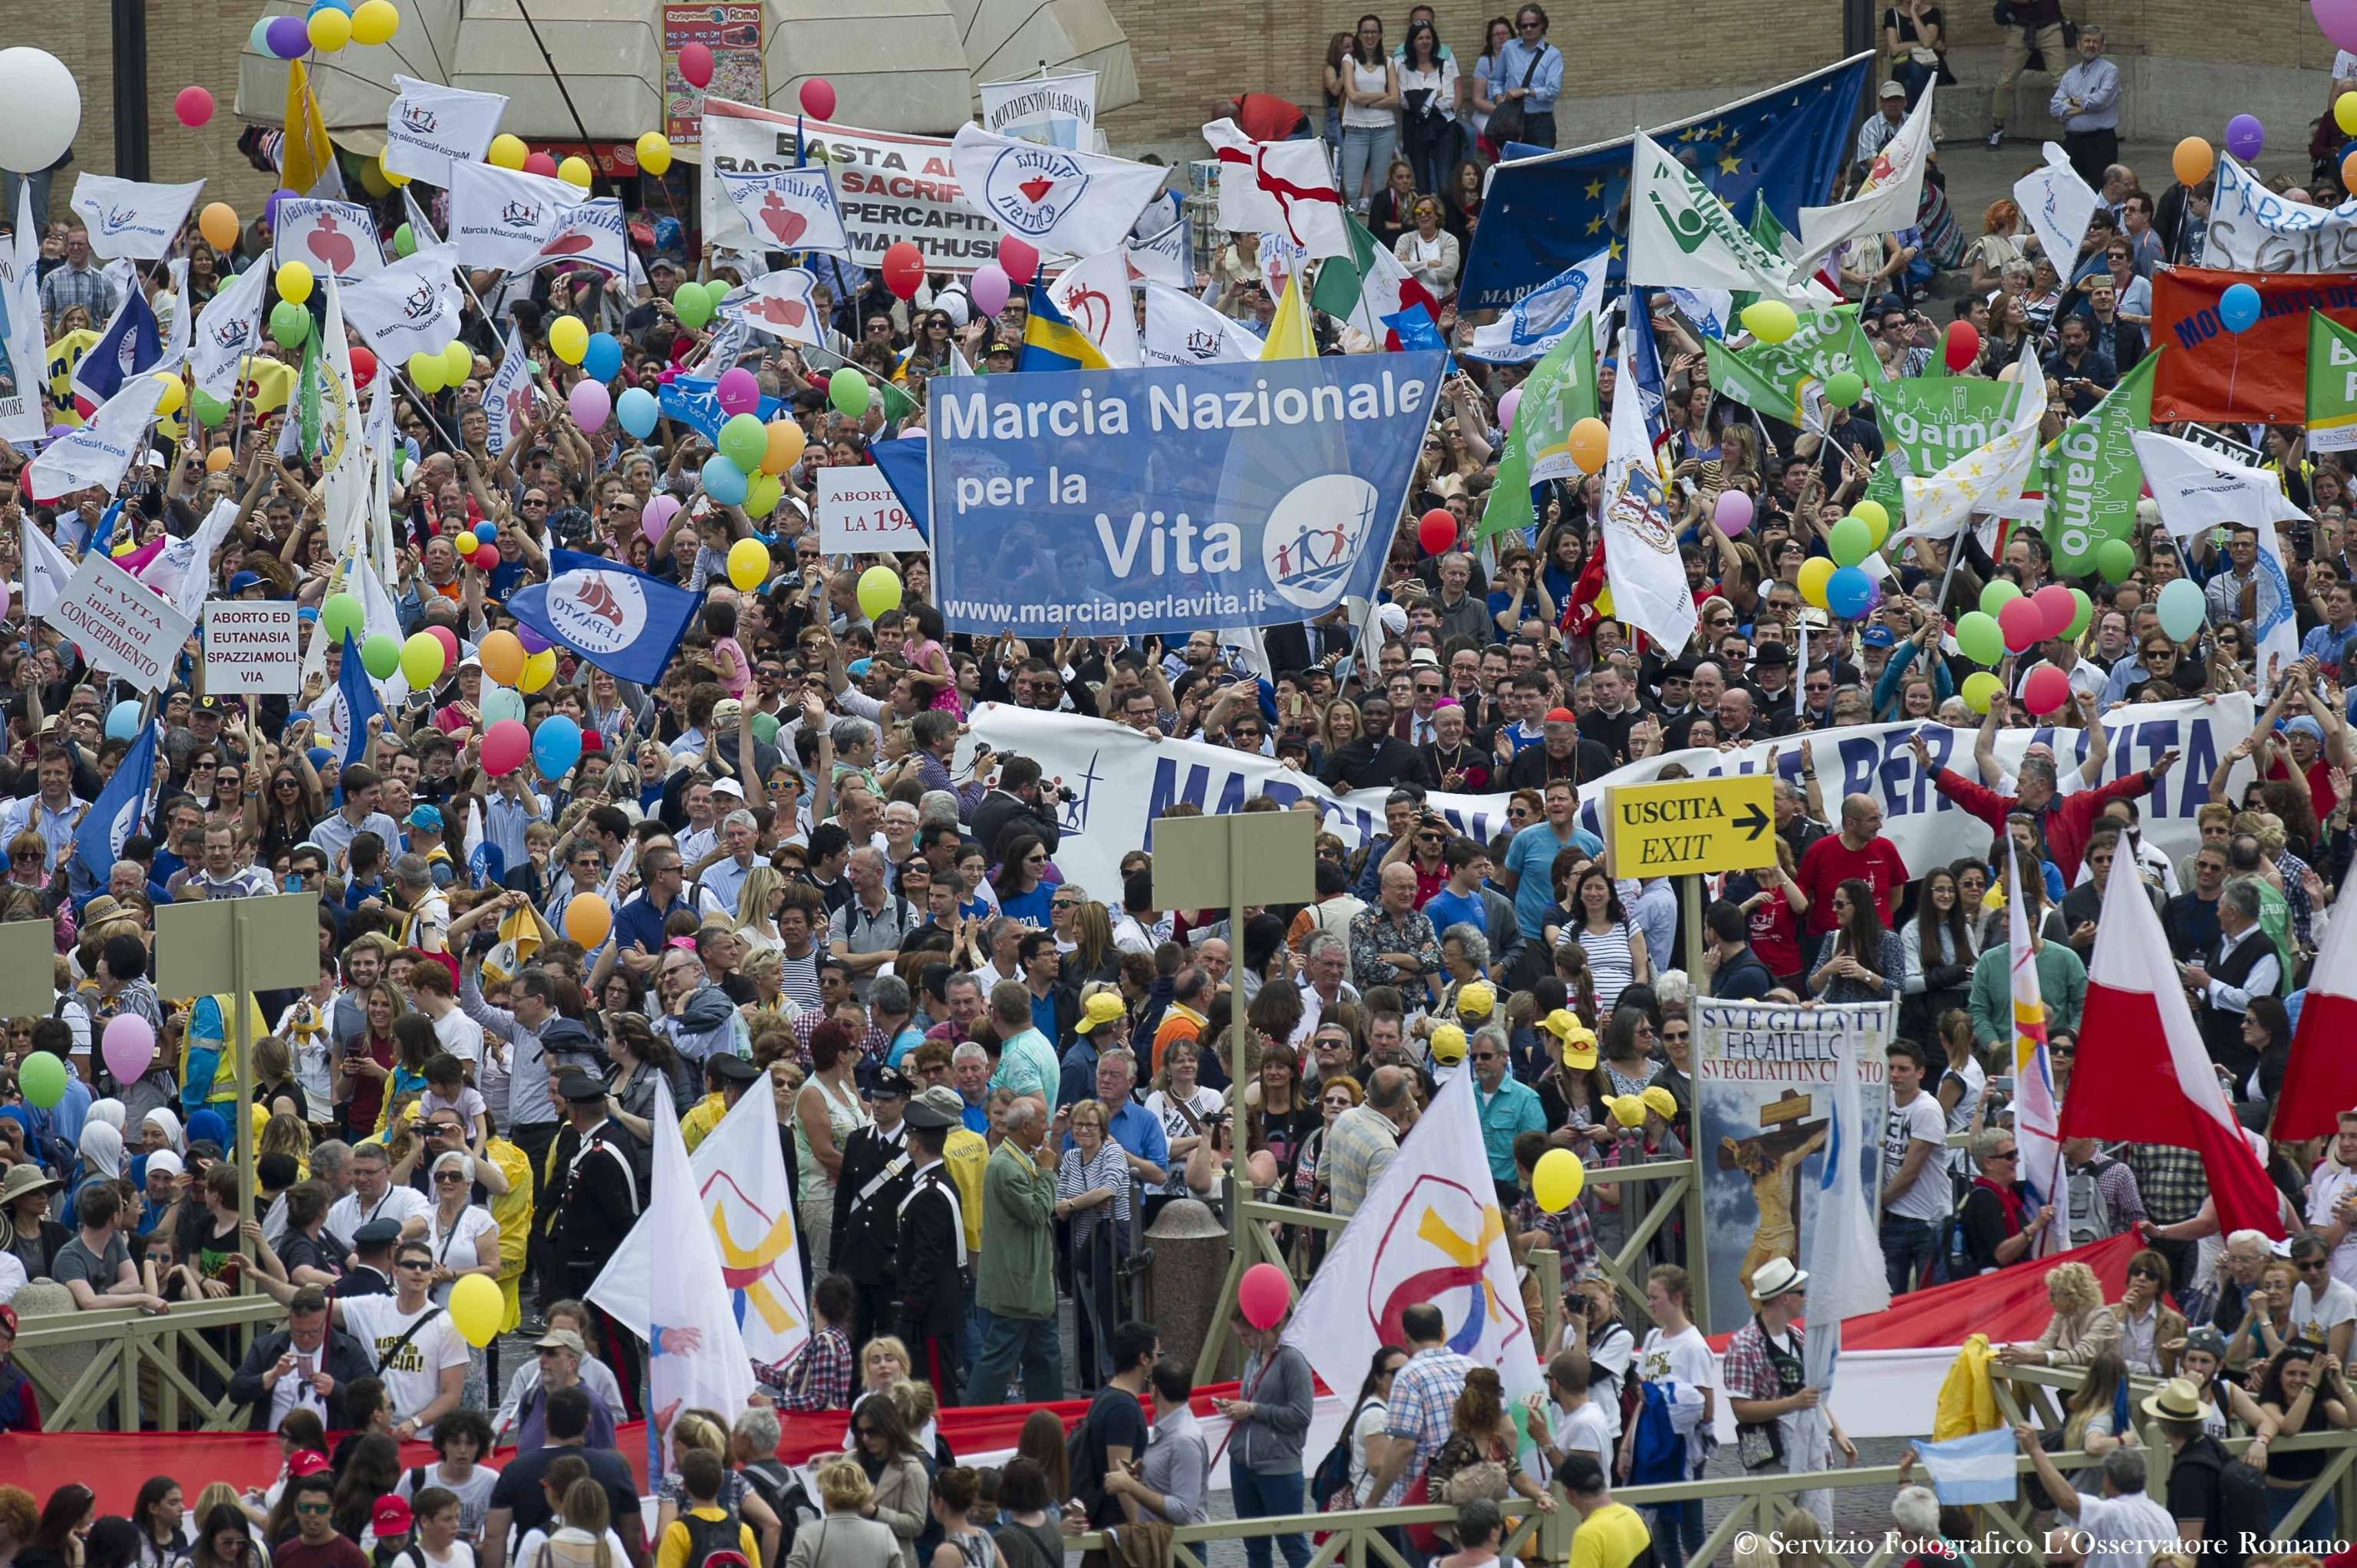 Marcia per la Vita